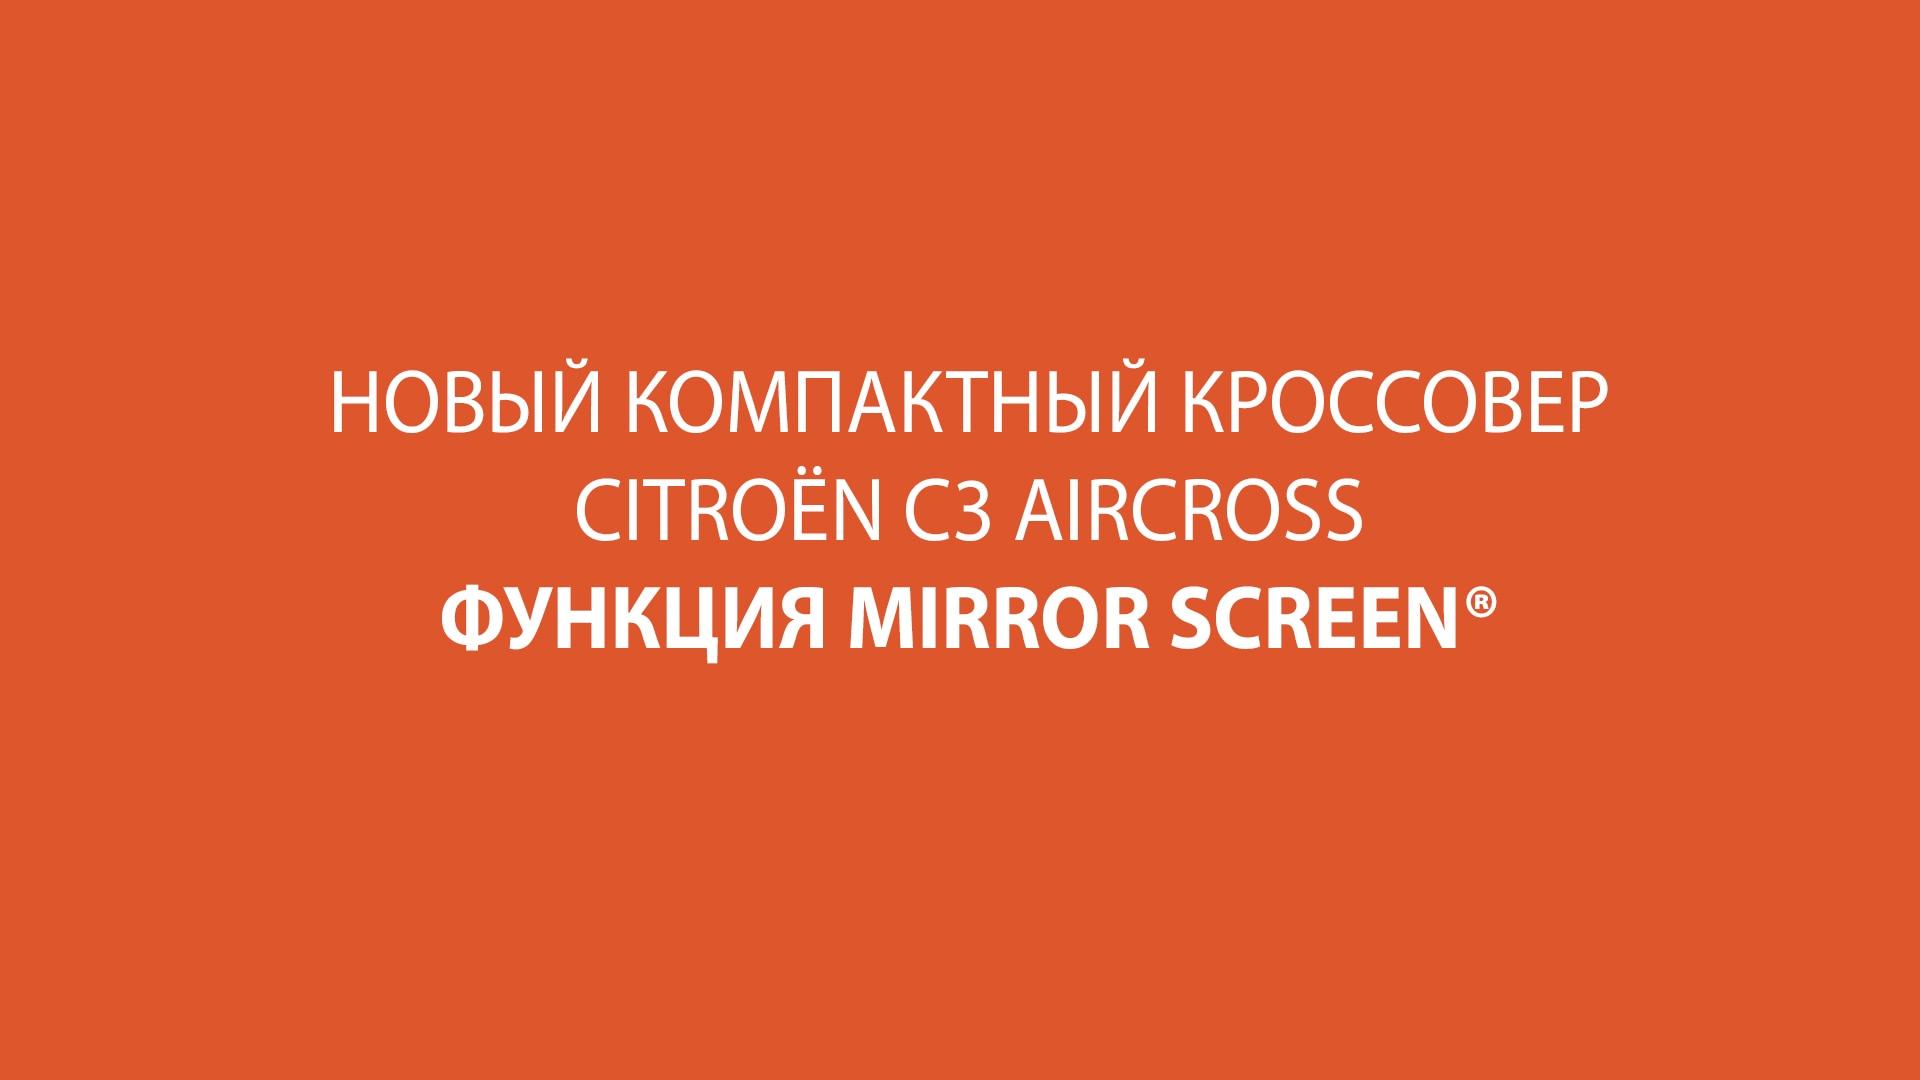 Технологии Citroen C3 Aircross SUV